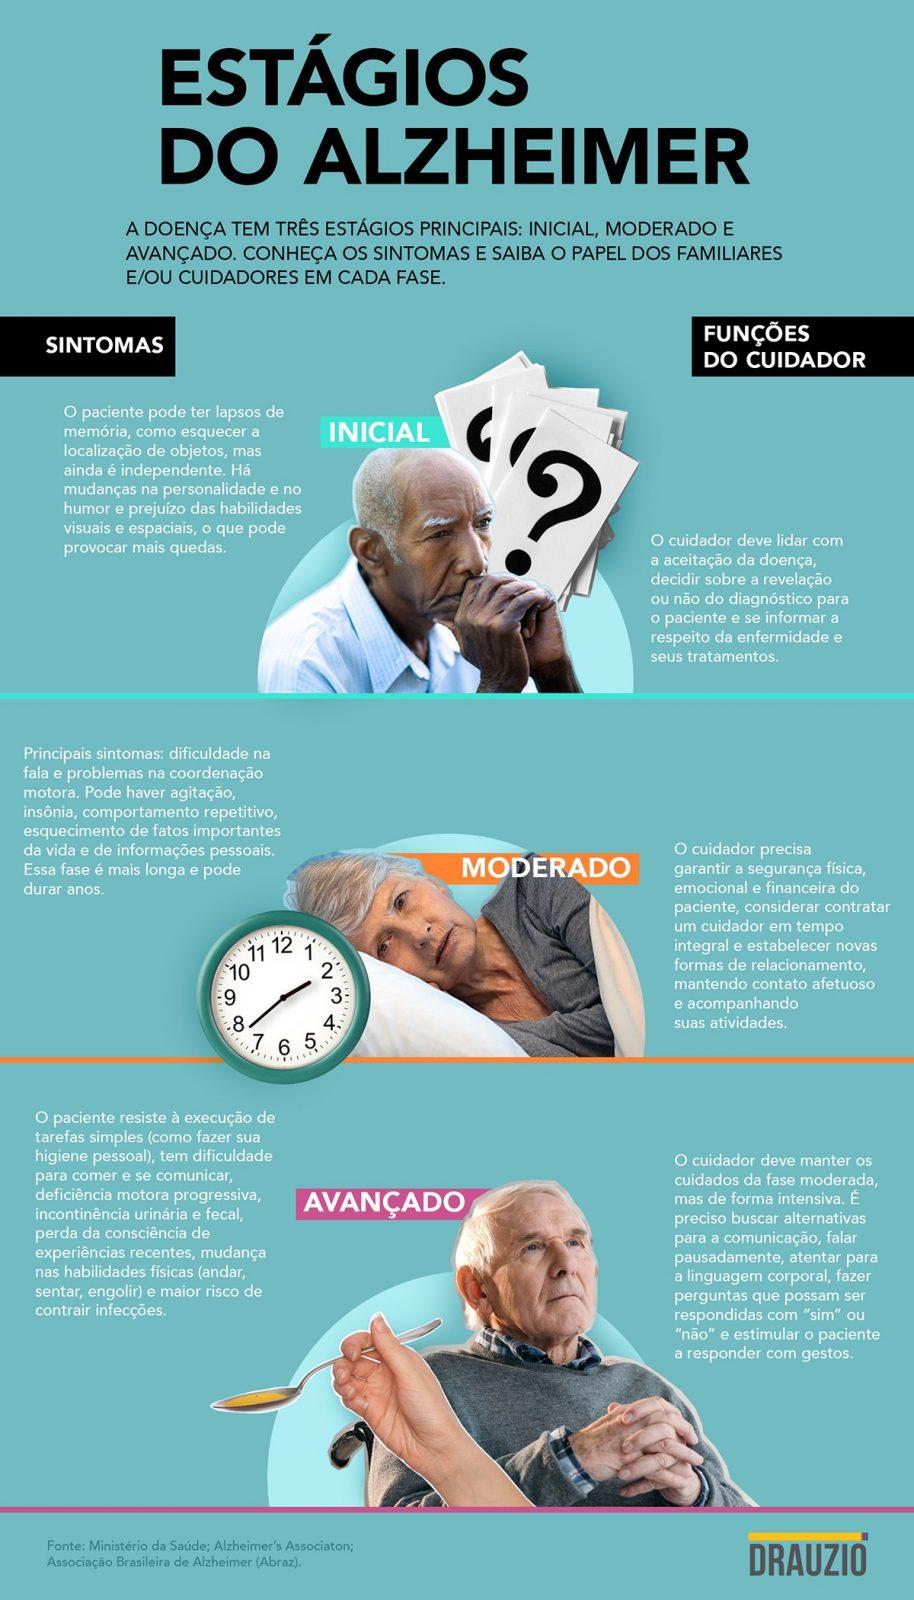 Infográfico com descrição dos três estágios principais da doença de Alzheimer.